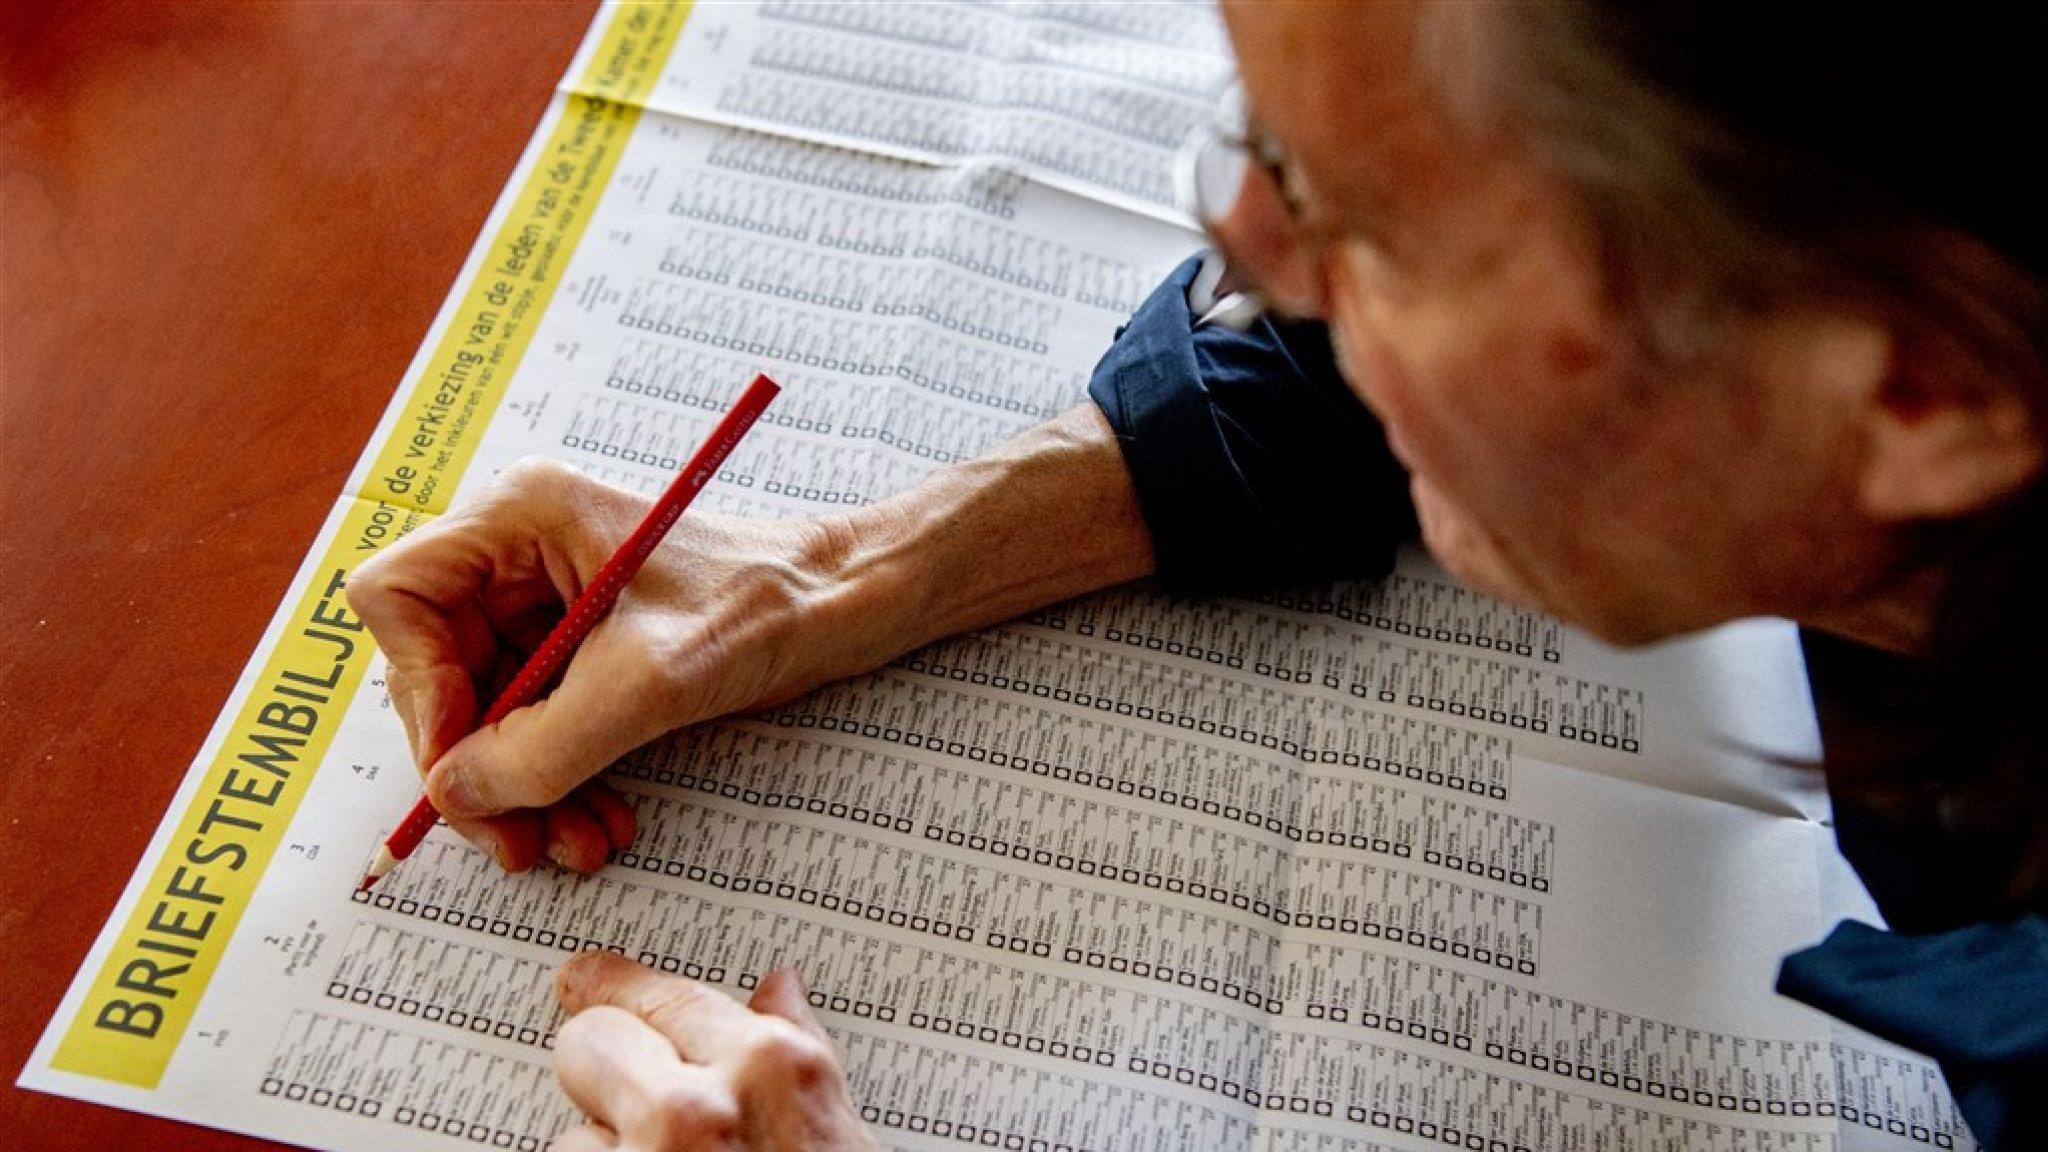 Verkeerde envelop Tot nu toe 10.000 briefstemmen ongeldig verklaard - RTL Nieuws